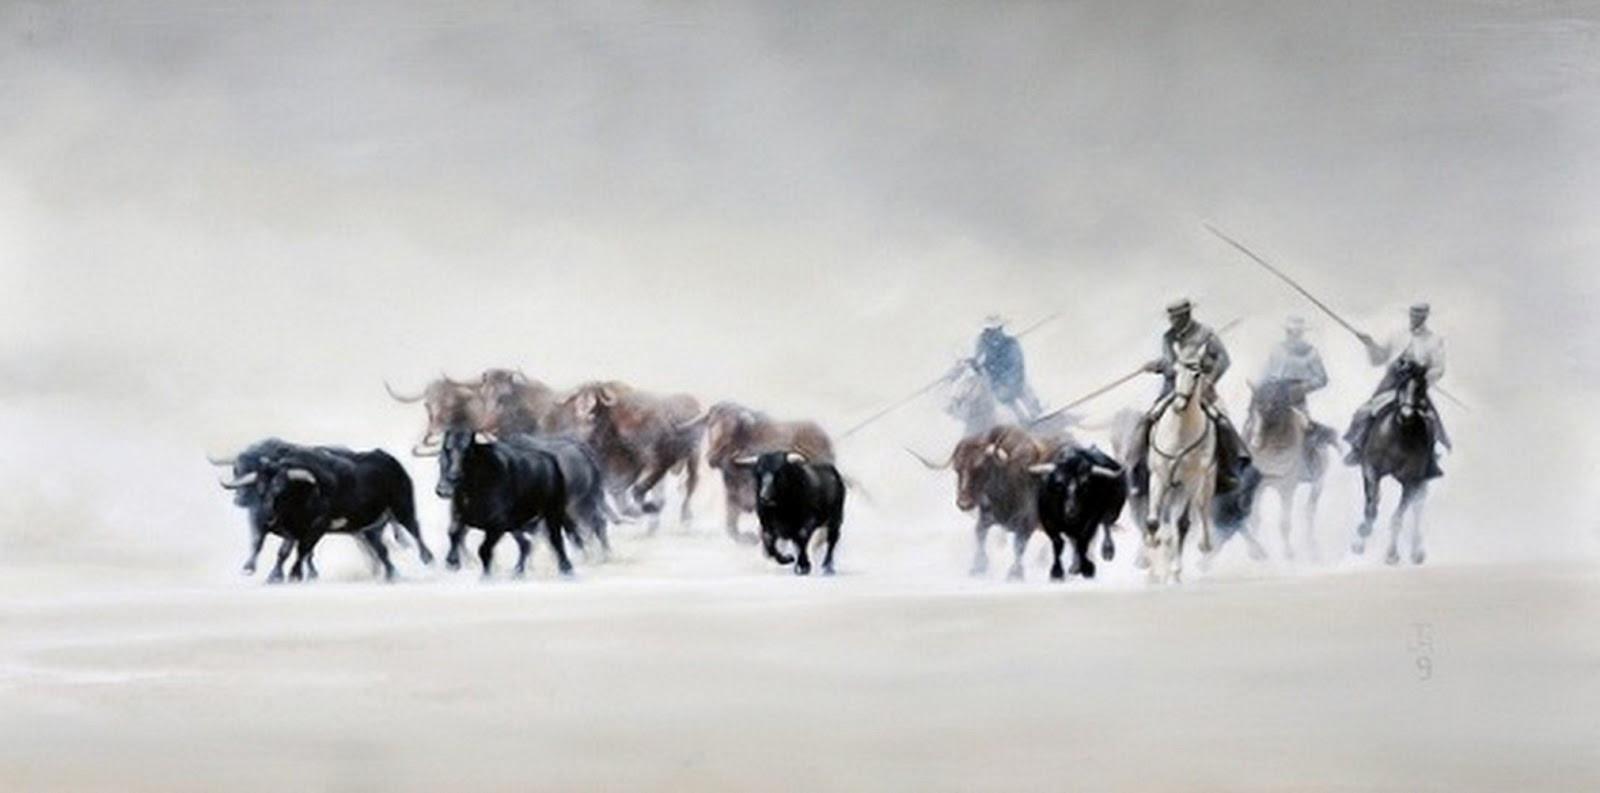 Pinturas De Toros De Lidia Cuadros Modernos Pinturas Y Dibujos